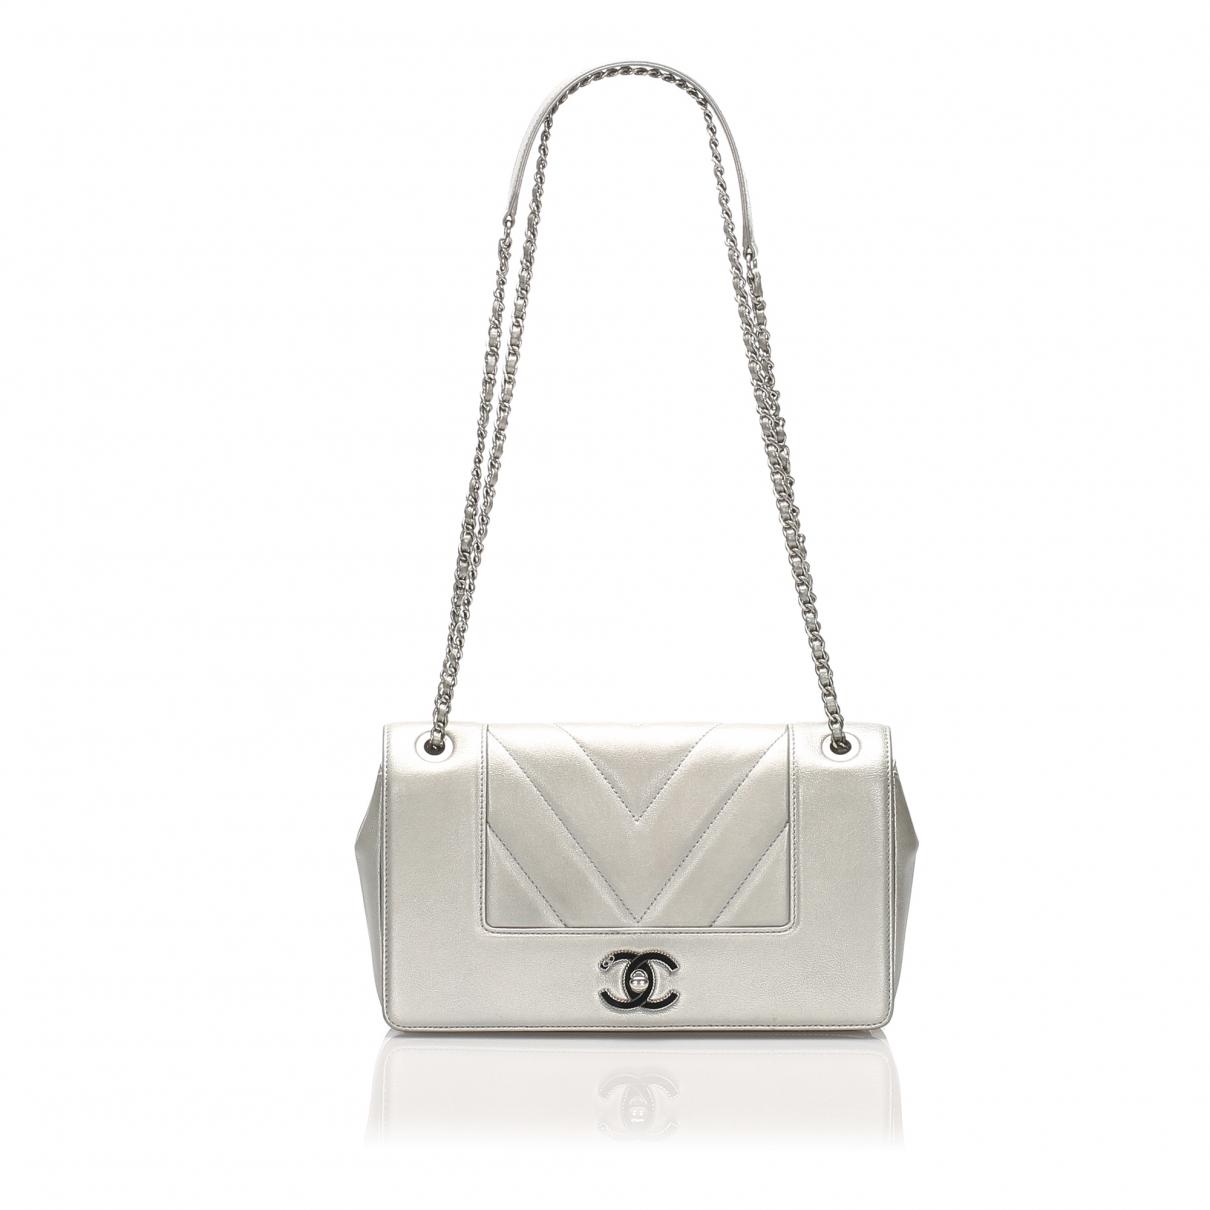 Chanel - Sac a main   pour femme en cuir - argente